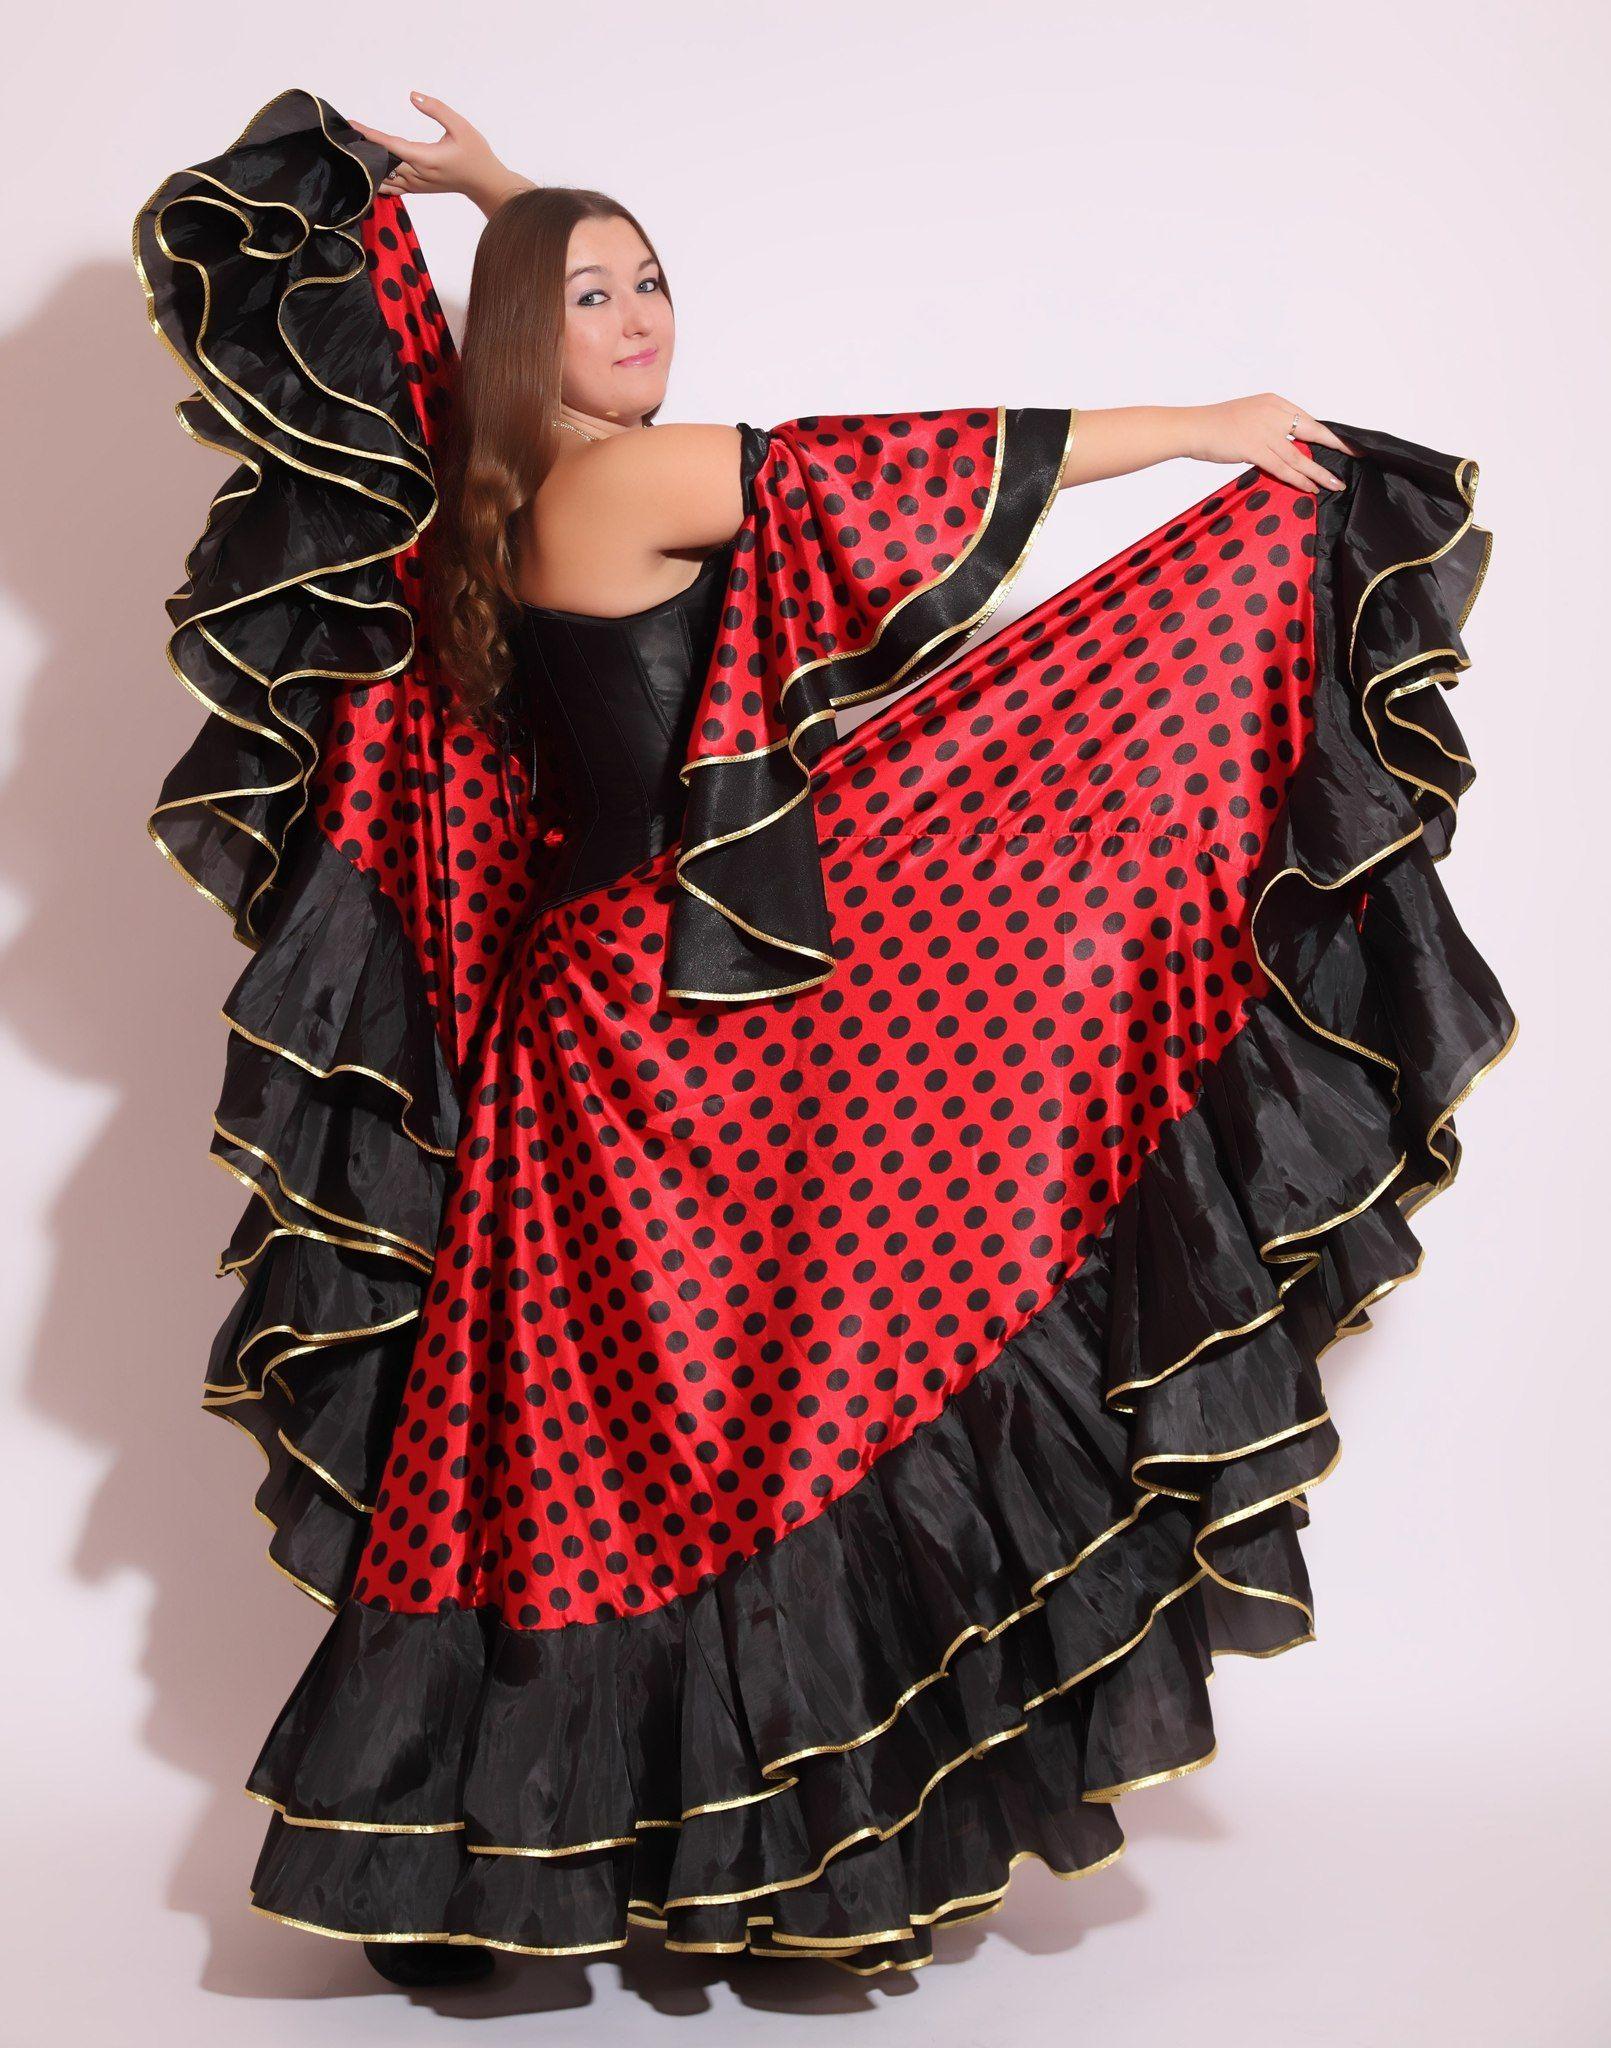 цыганские костюмы фото жениться все